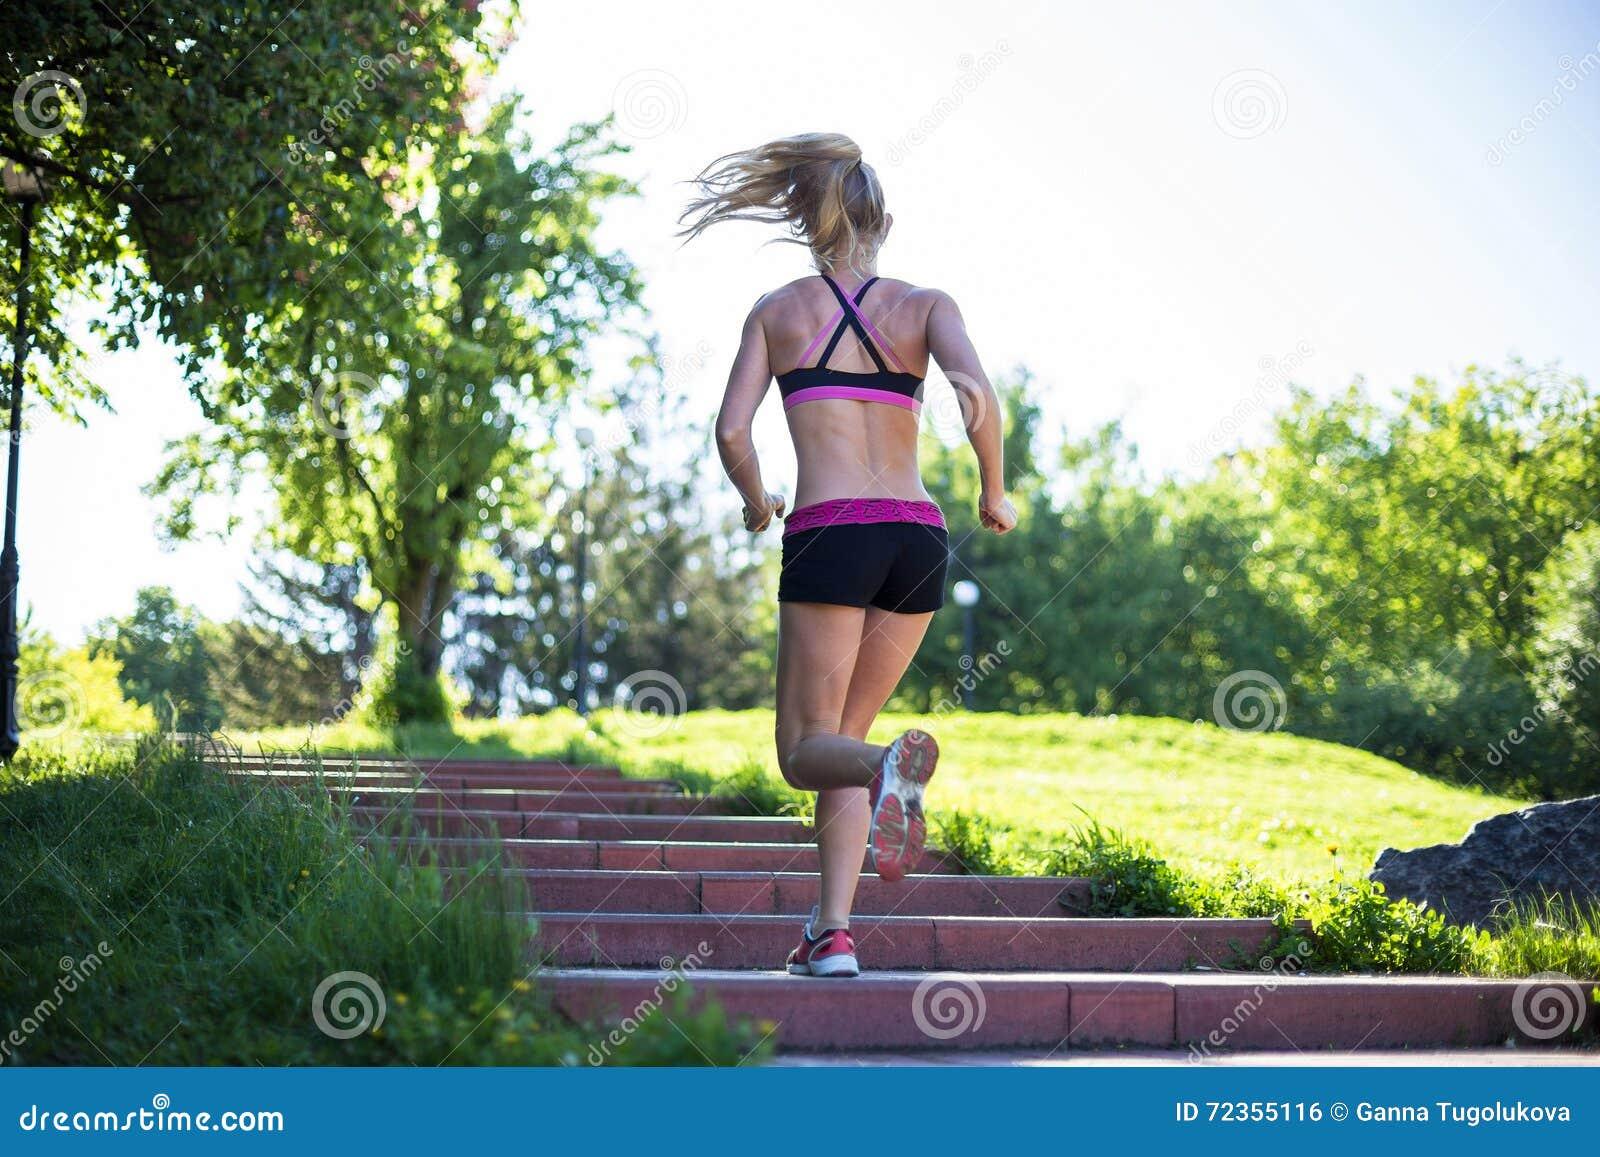 做锻炼的健身妇女在室外交叉训练锻炼期间在晴朗的早晨